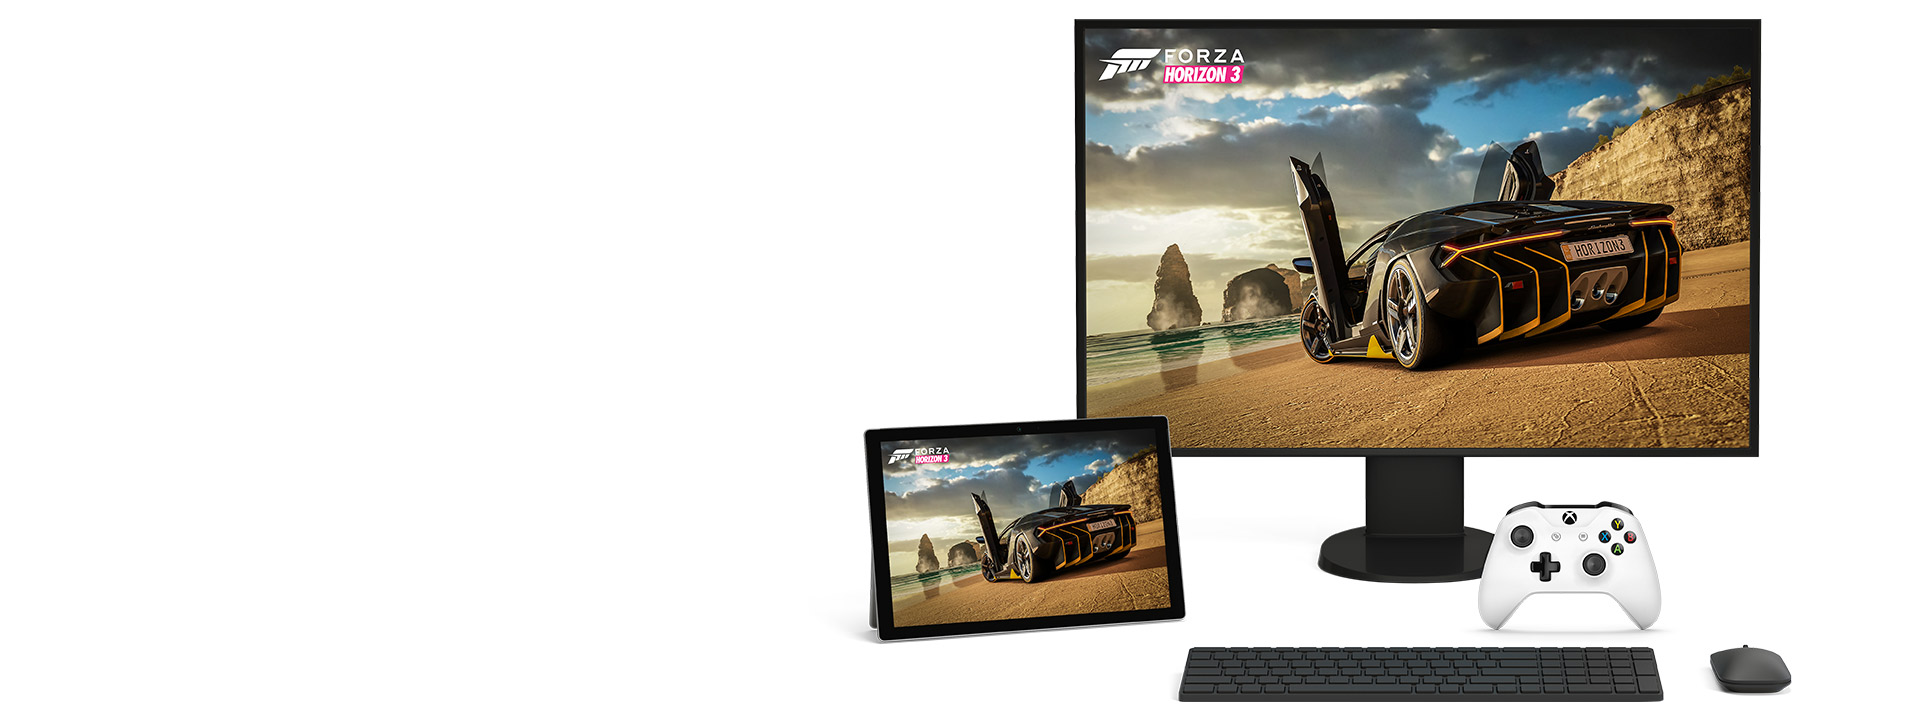 Počítač a tablet Microsoft Windows 10 s hrou Forza Horizon 3 pre Xbox